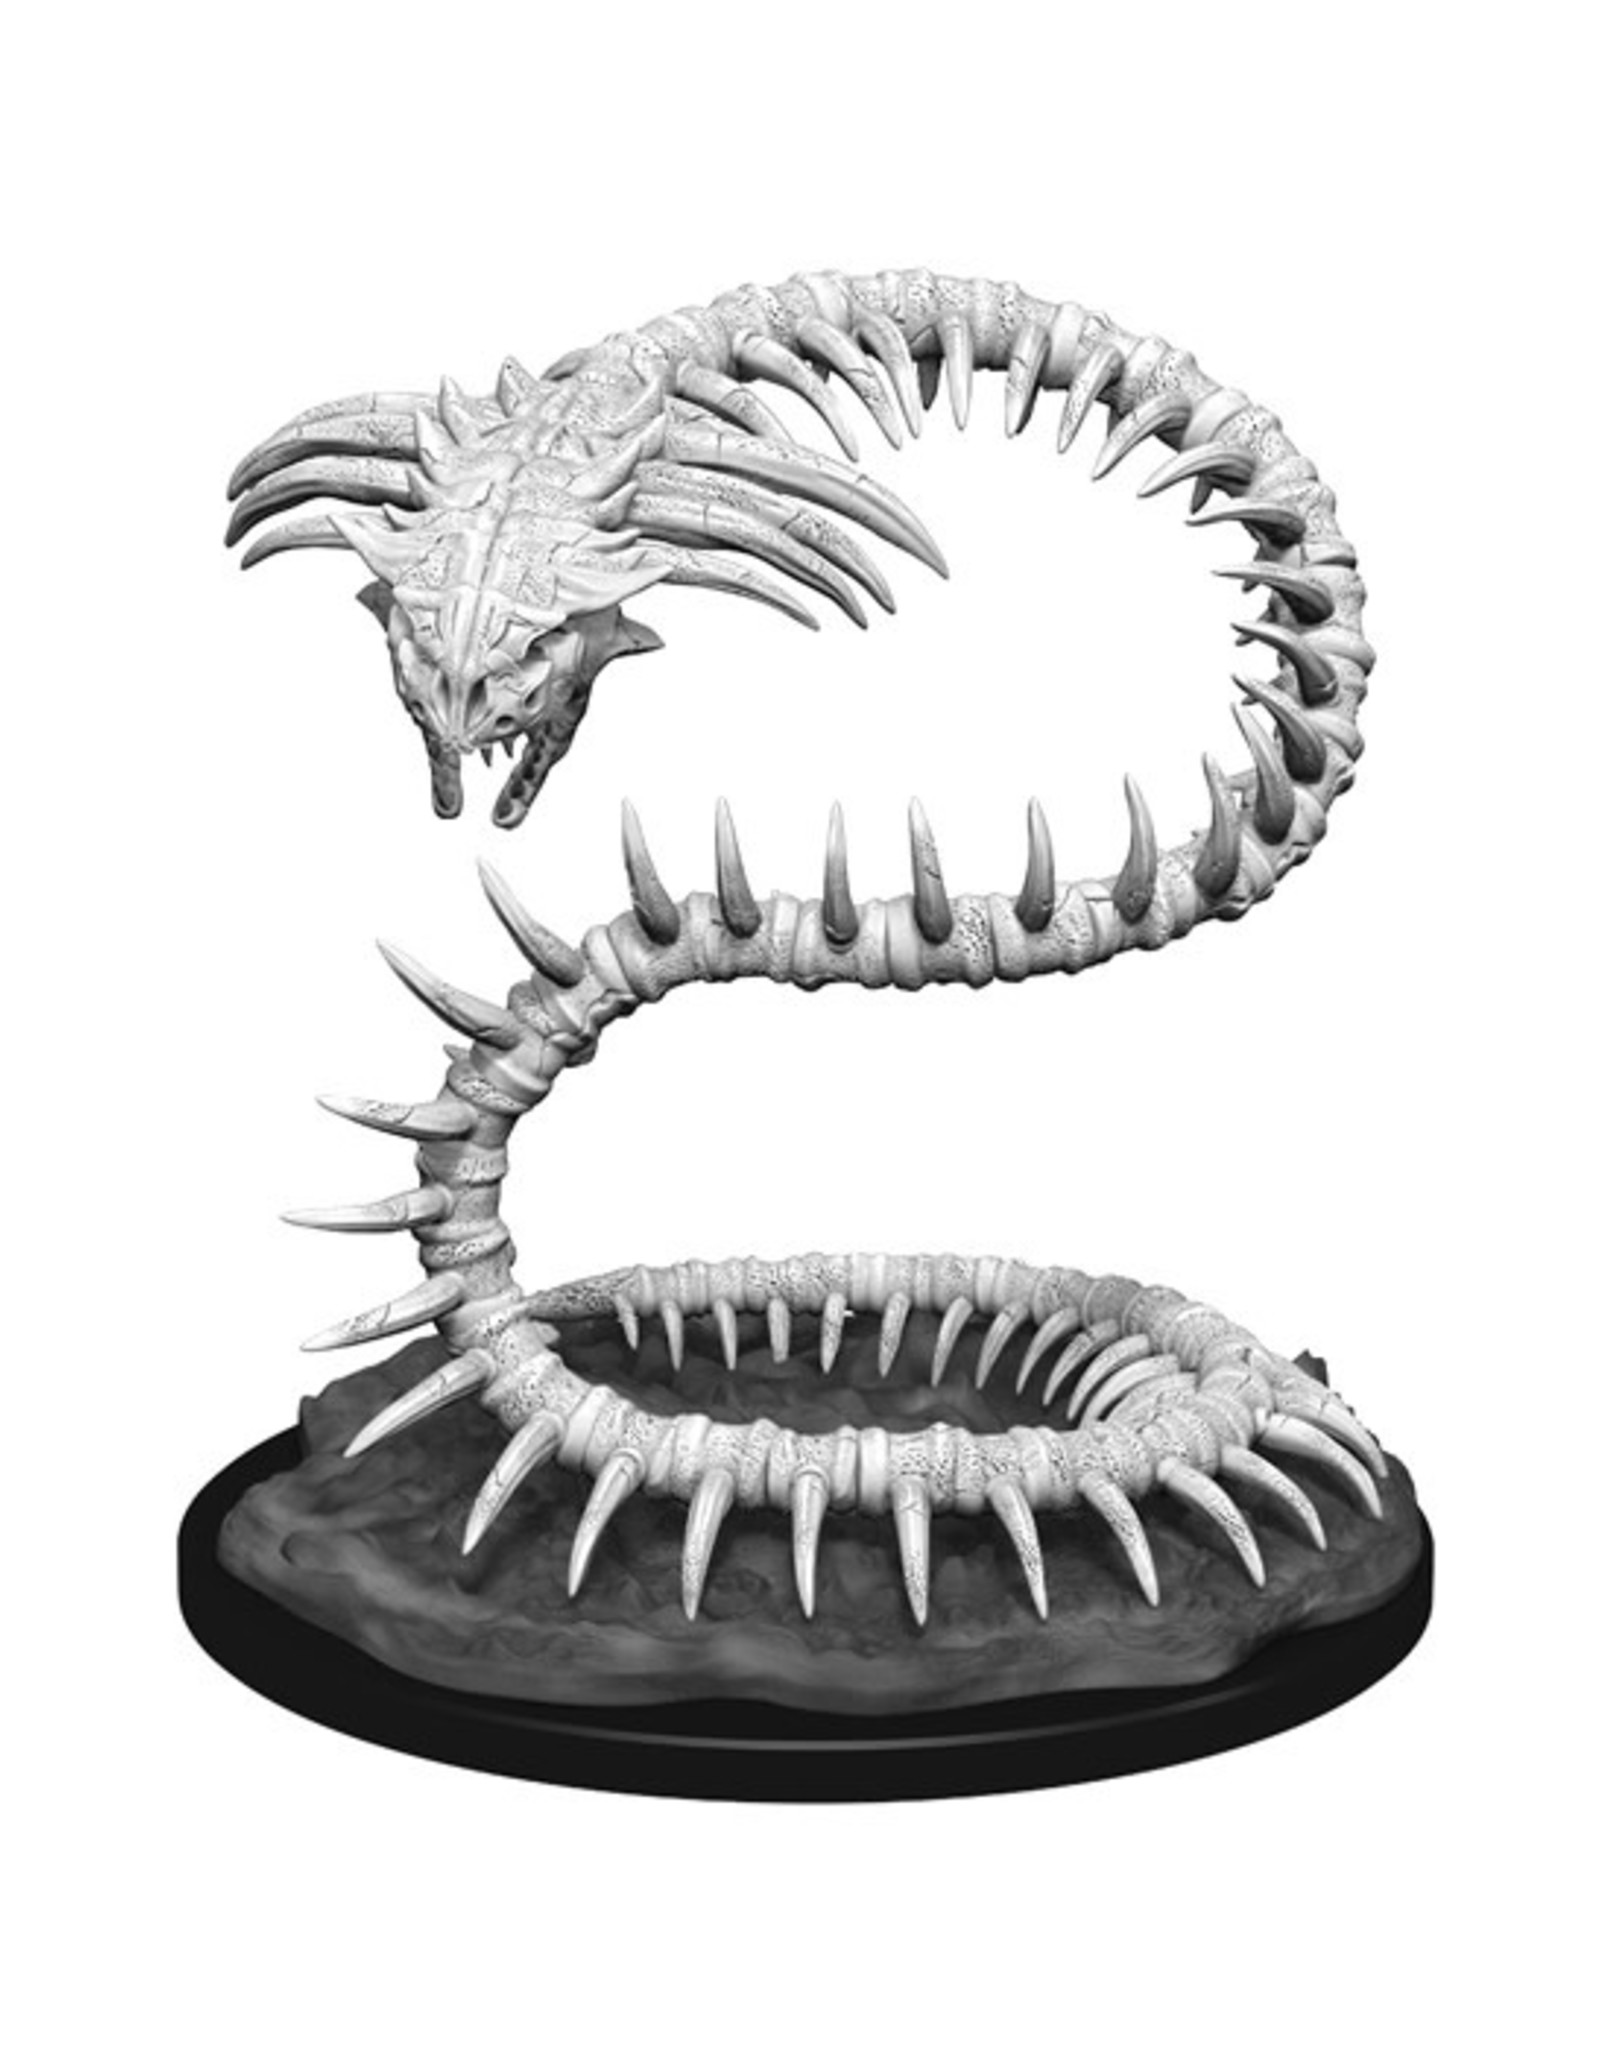 Dungeons & Dragons Dungeons & Dragons: Nolzur's - Bone Naga